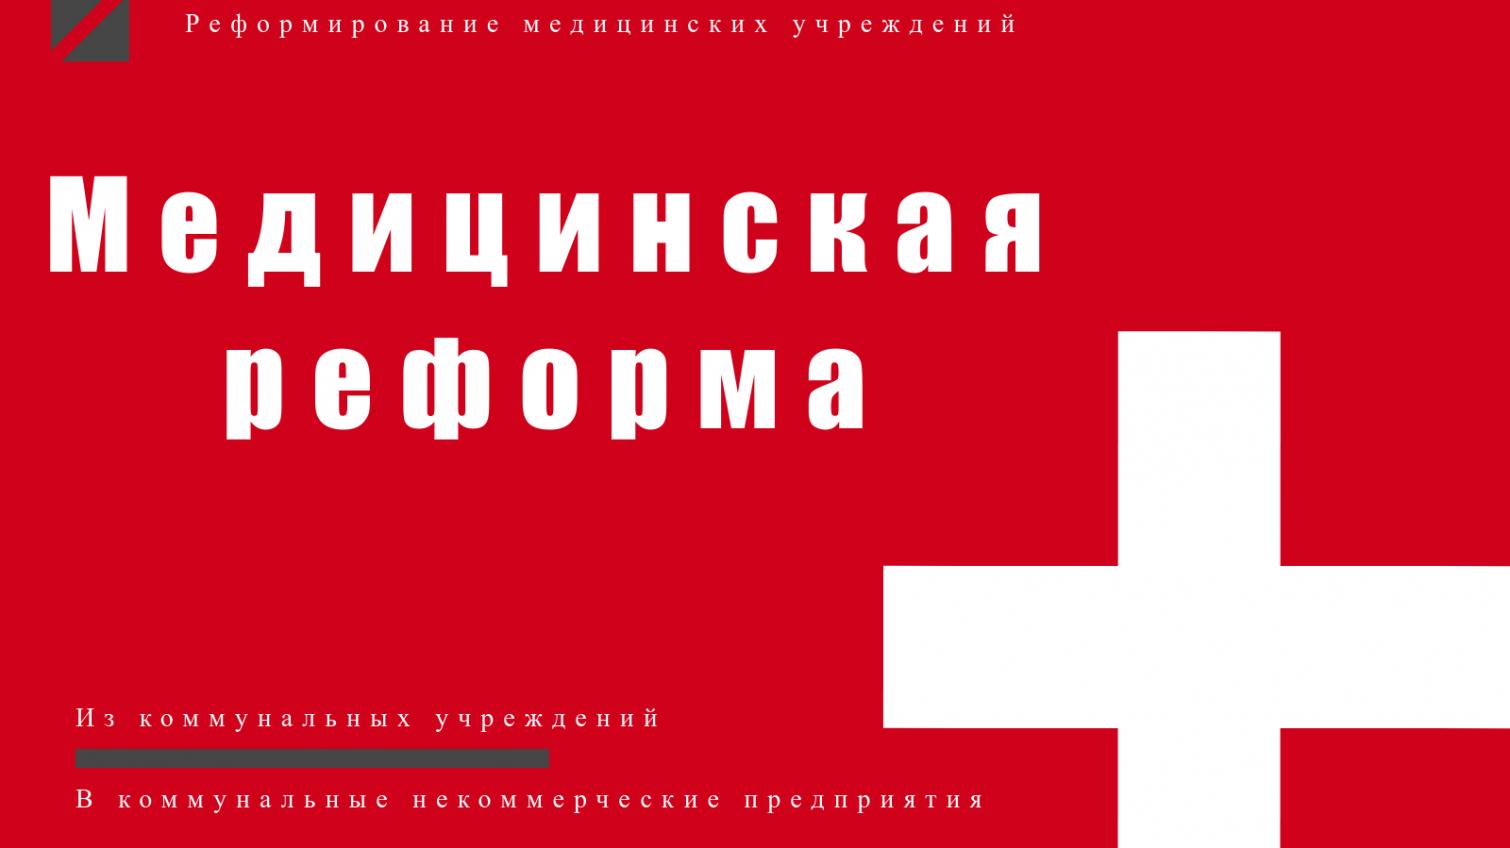 Очередной этап реформ медучреждений Одессы и области: плюсы и минусы «фото»